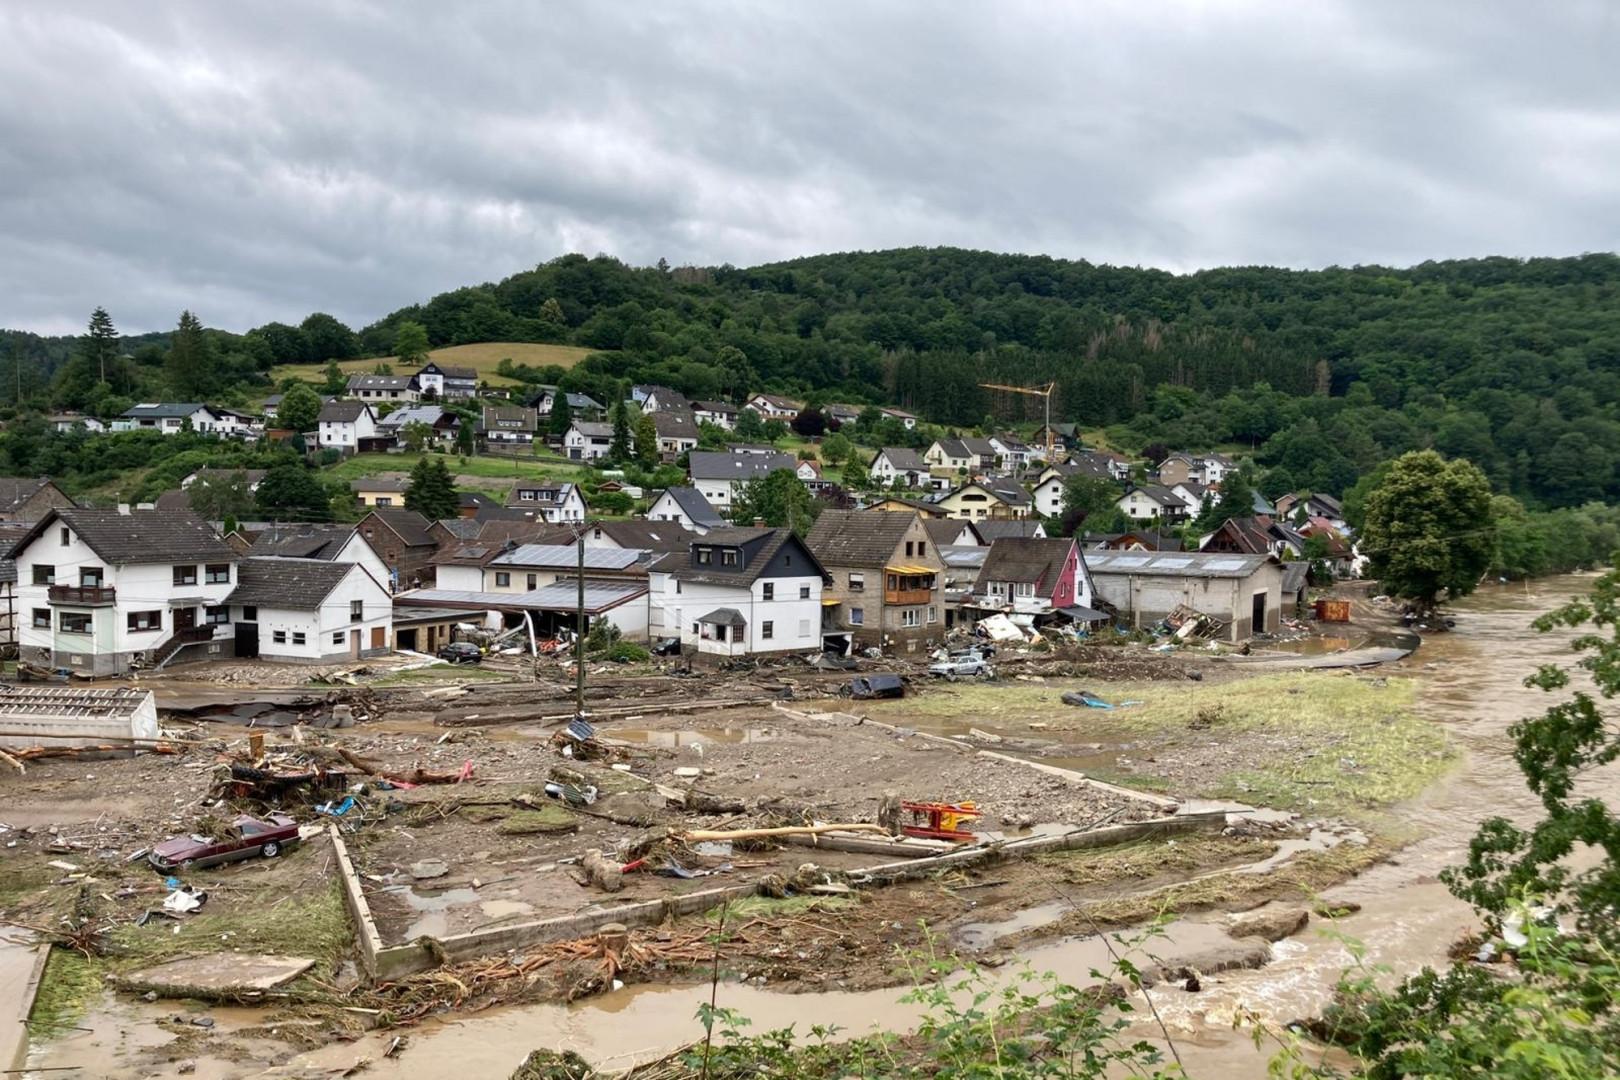 15.000 membres des secours sont à pied d'oeuvre dans les régions les plus touchées d'Allemagne. Image de la ville de Schuld en Allemagne, au bord de l'Ahr, le jeudi 15 juillet 2021.